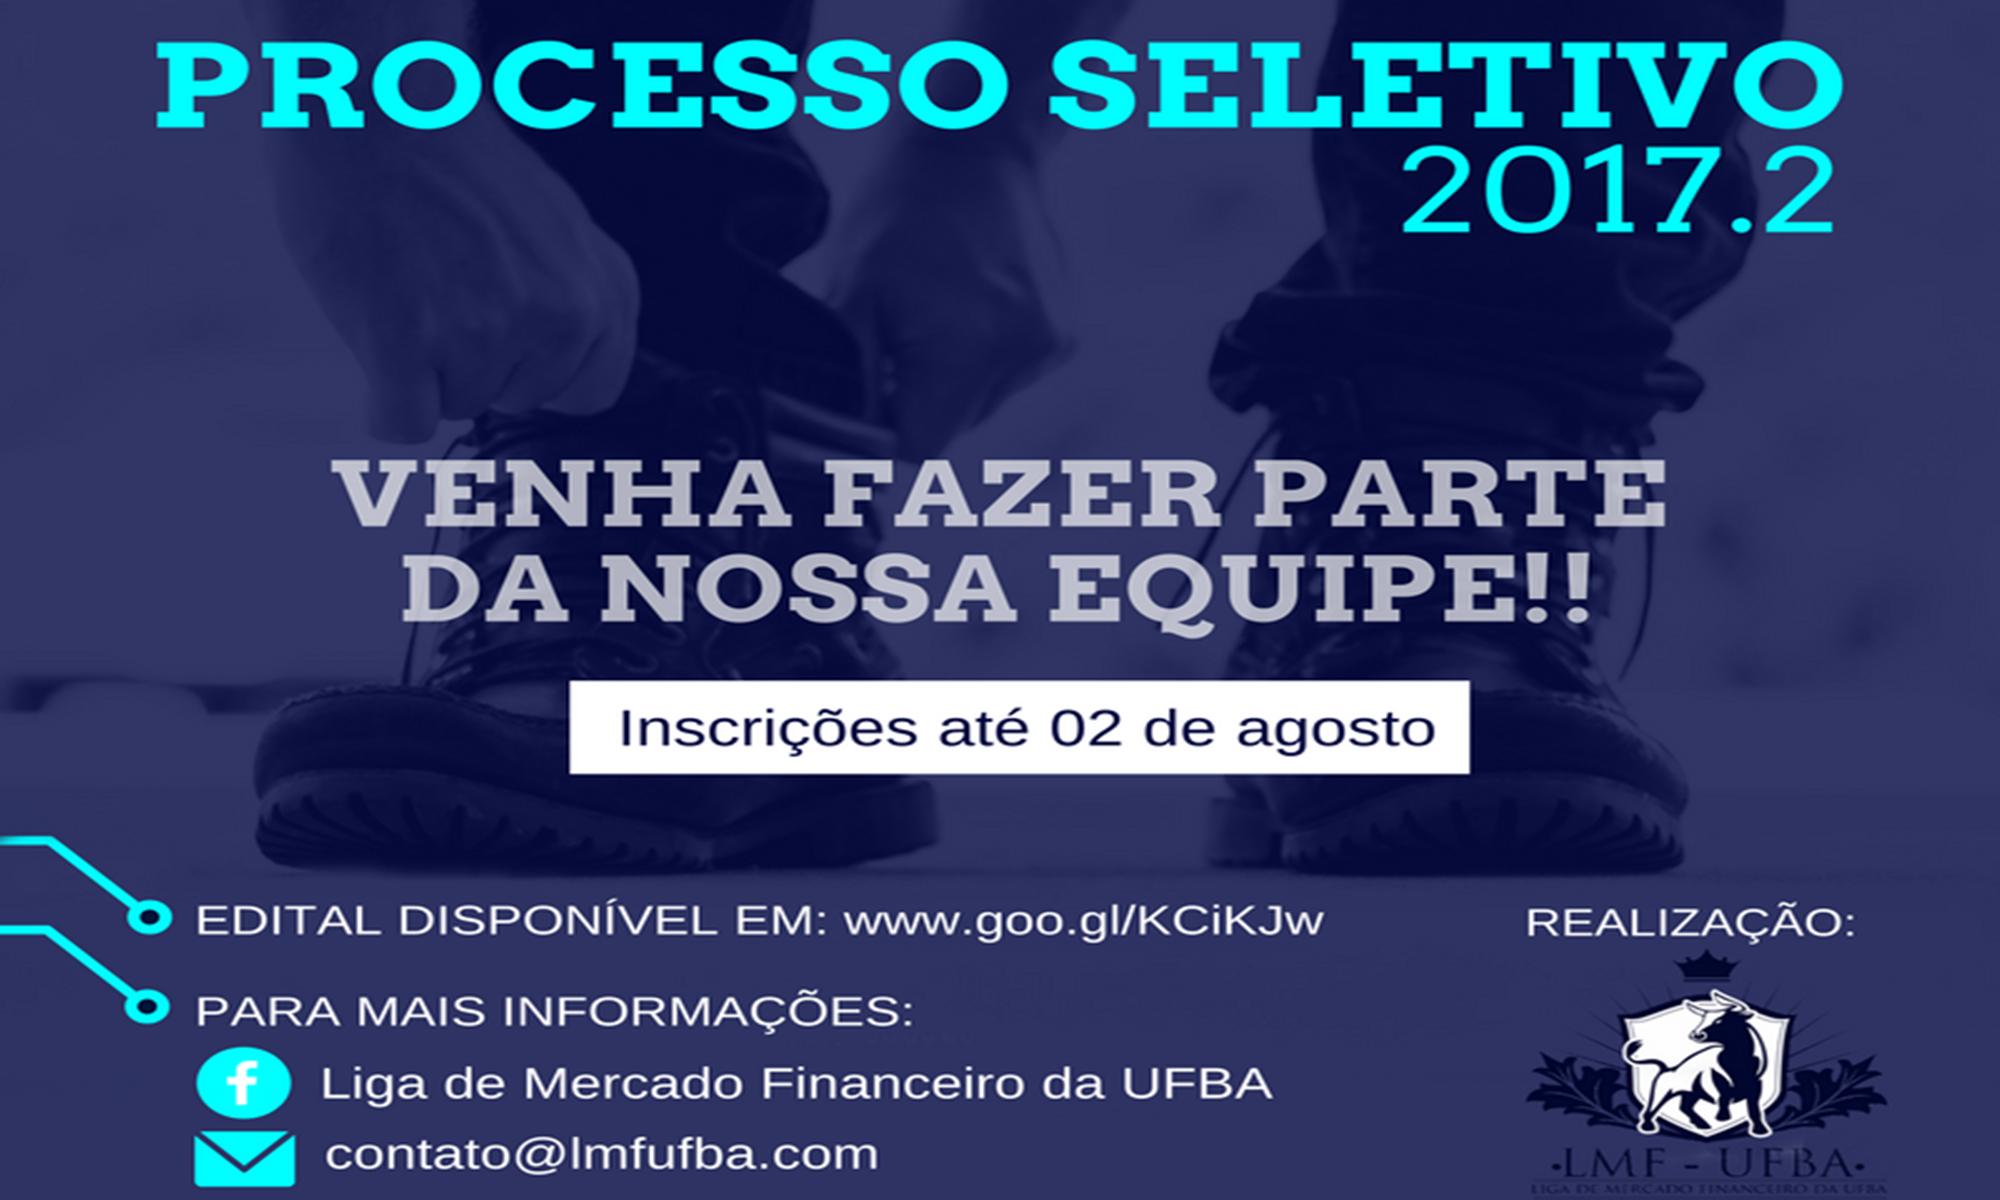 A Liga de Mercado Financeiro – LMF/UFBA Abre Inscrições para Processo Seletivo 2017.2